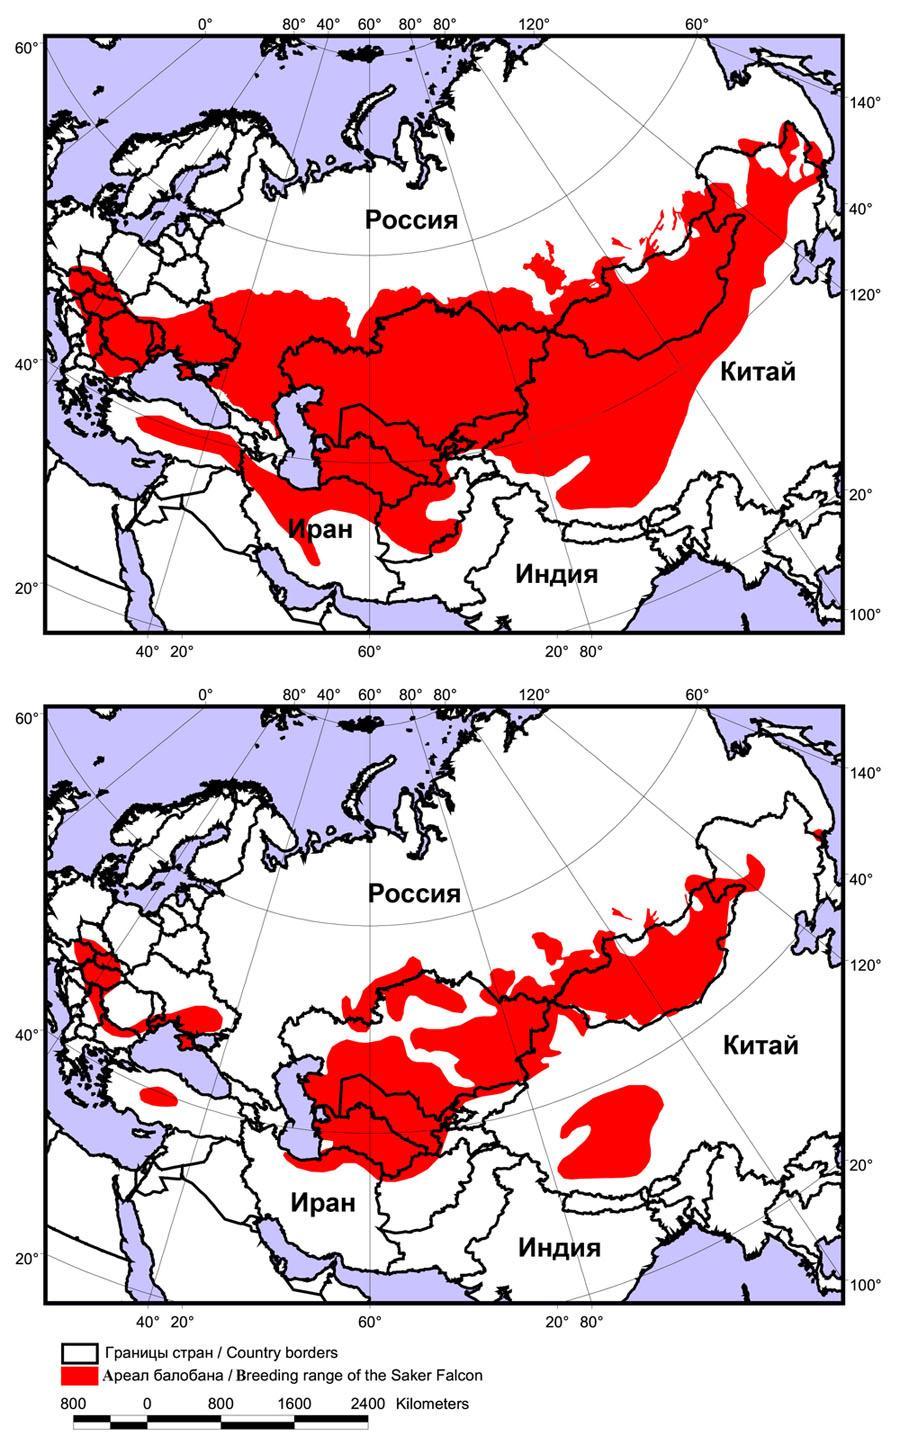 Динамика гнездового ареала балобана в конце ХХ века: в 60-70-х гг. ХХ столетия (вверху) и в 01–10 гг. XXI столетия (внизу)